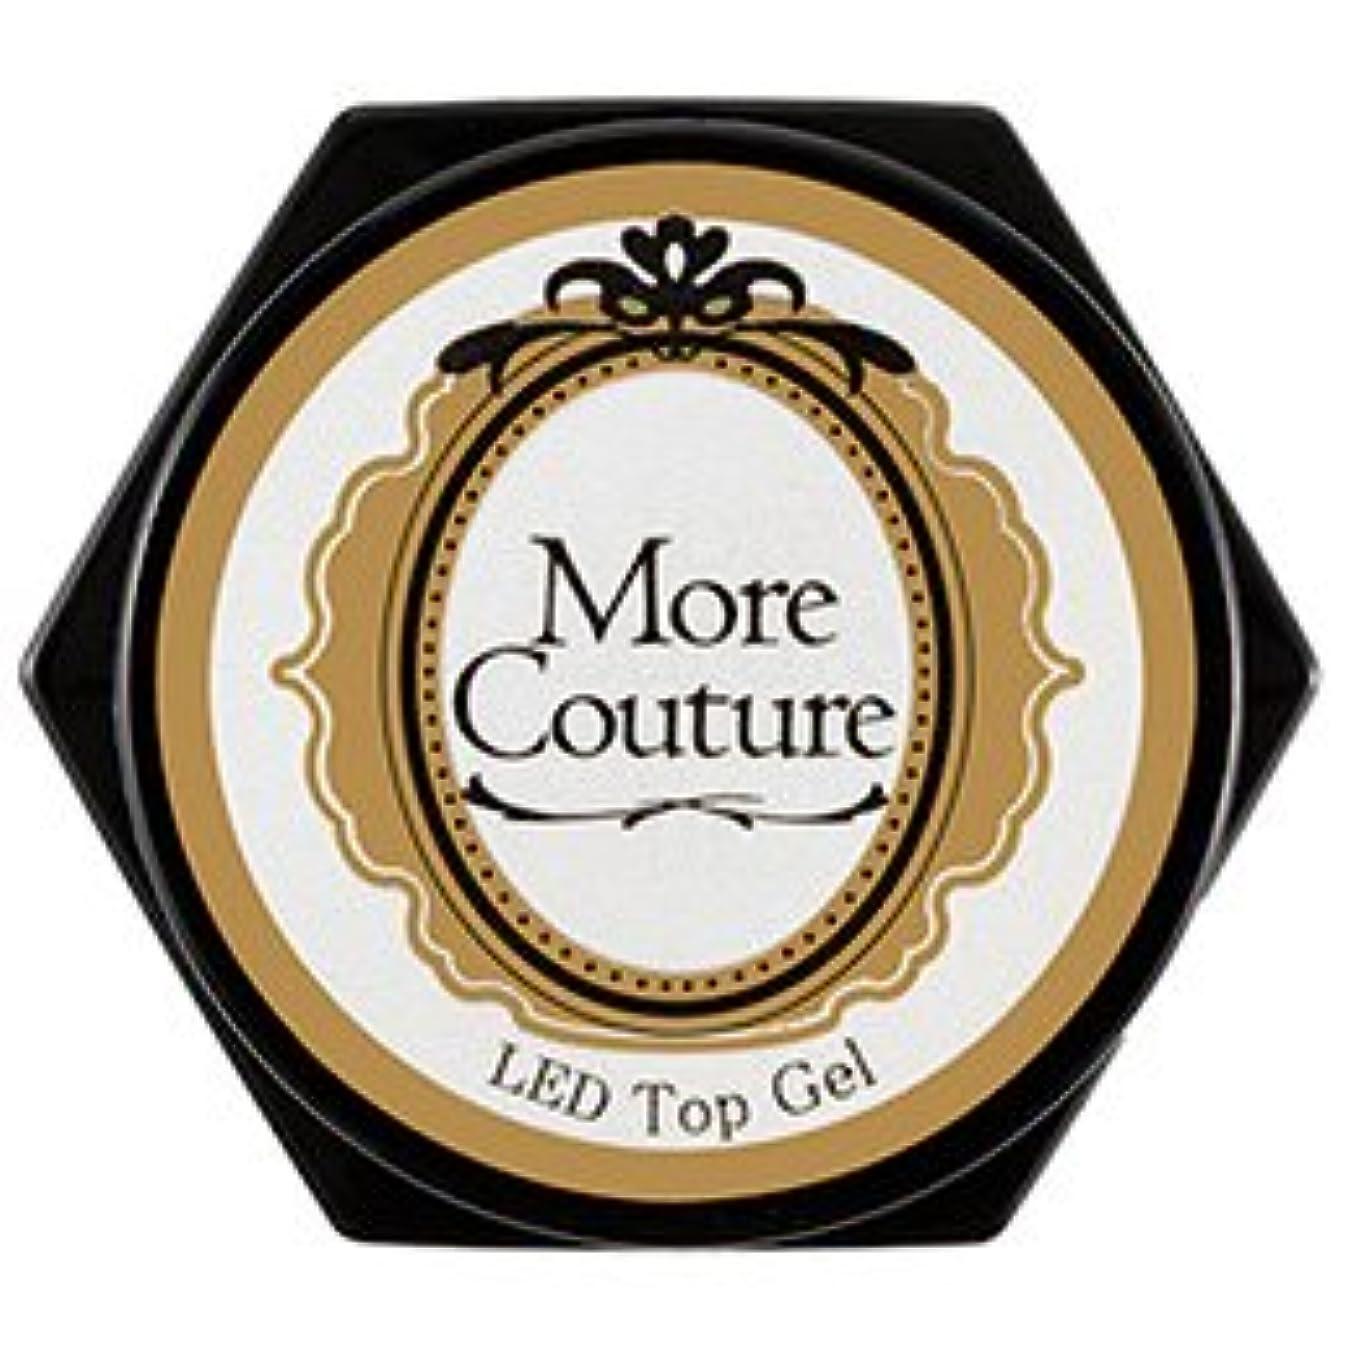 More Couture モアジェル トップジェル 5g